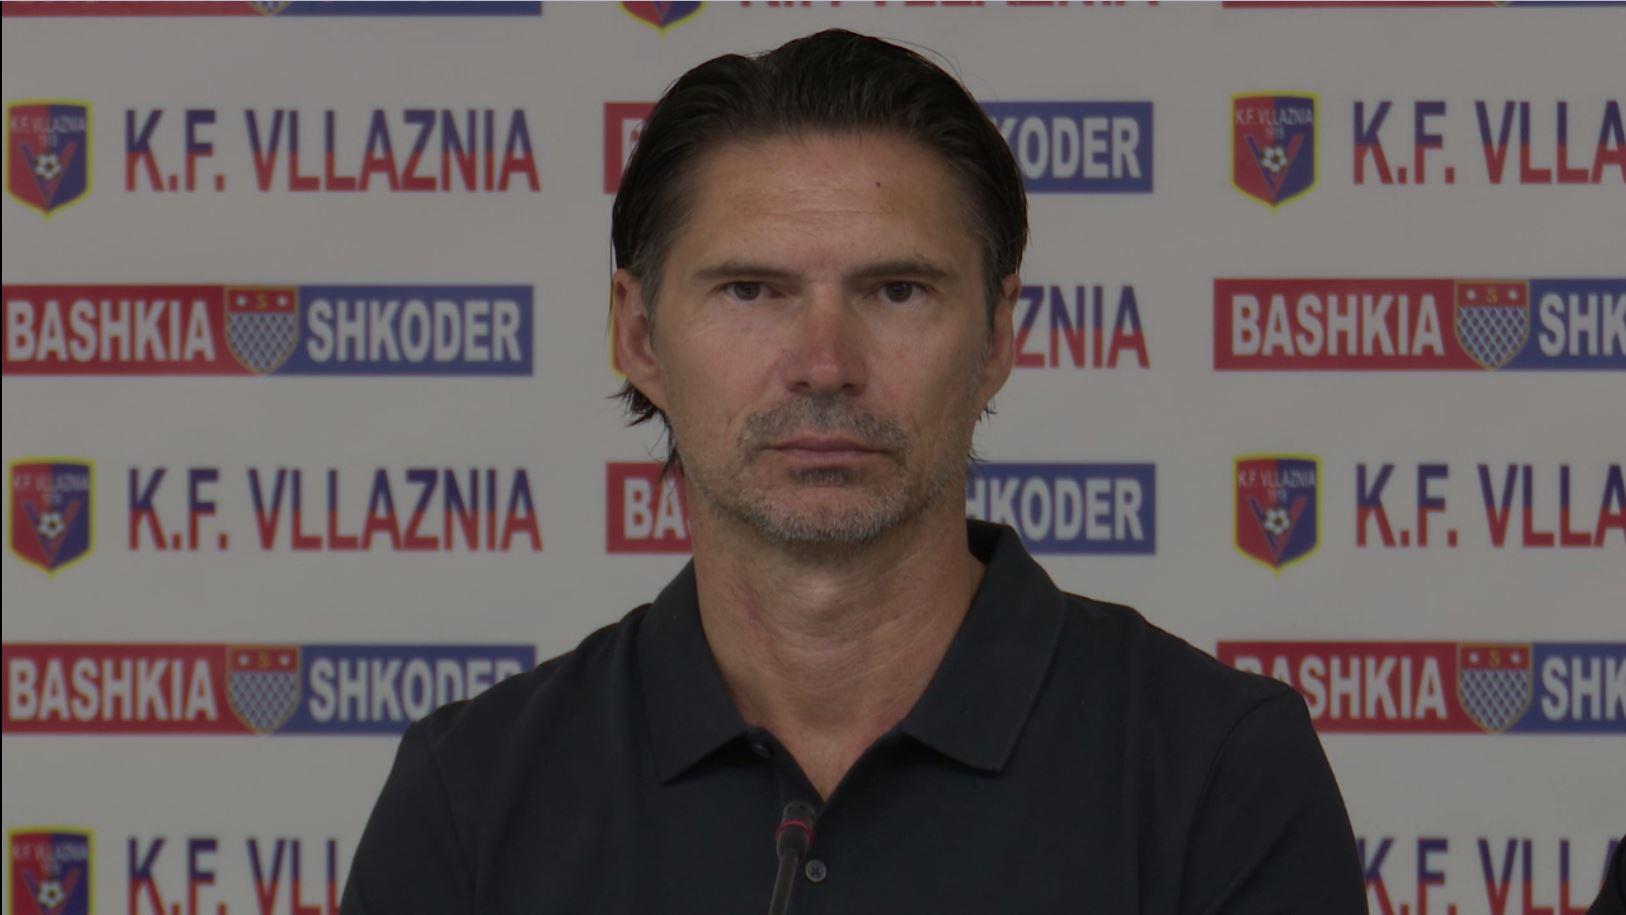 Trajneri Thomas Brdariç zgjidhet trajneri i ri i Vllaznisë